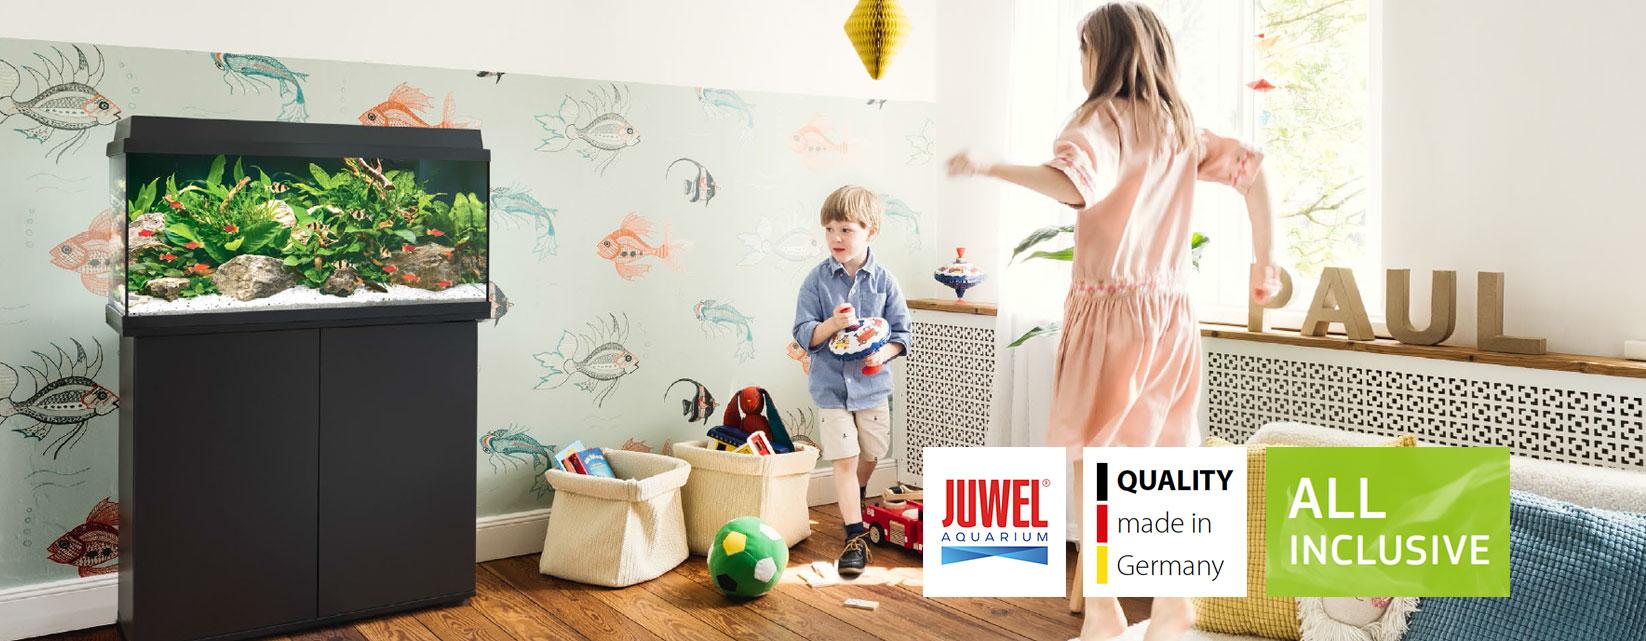 JUWEL Aquarium Online Shop, Bild 2